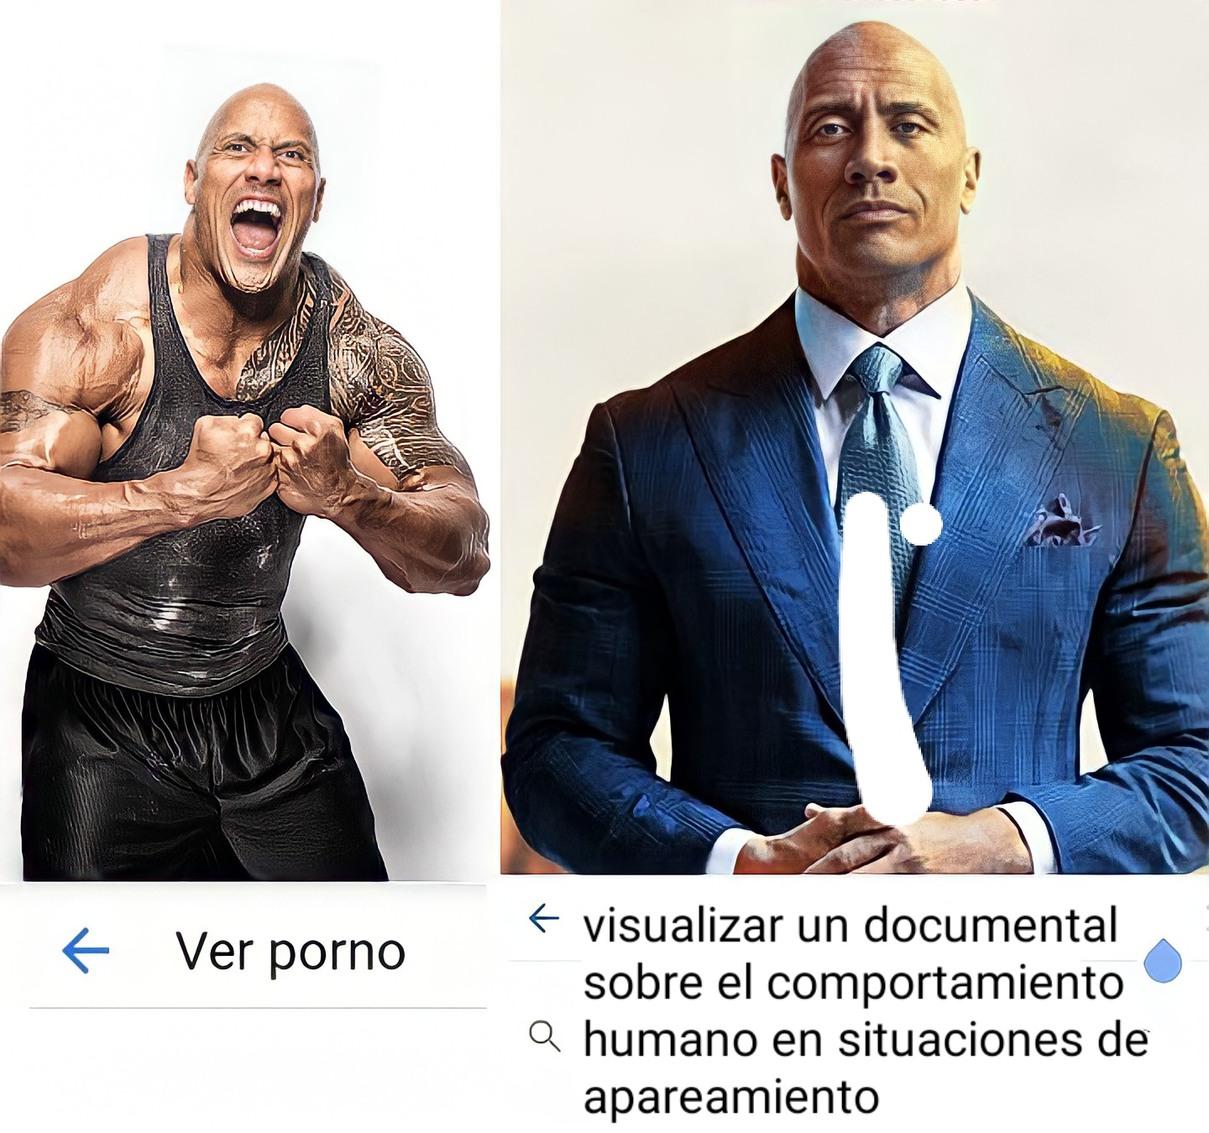 Visualizar - meme